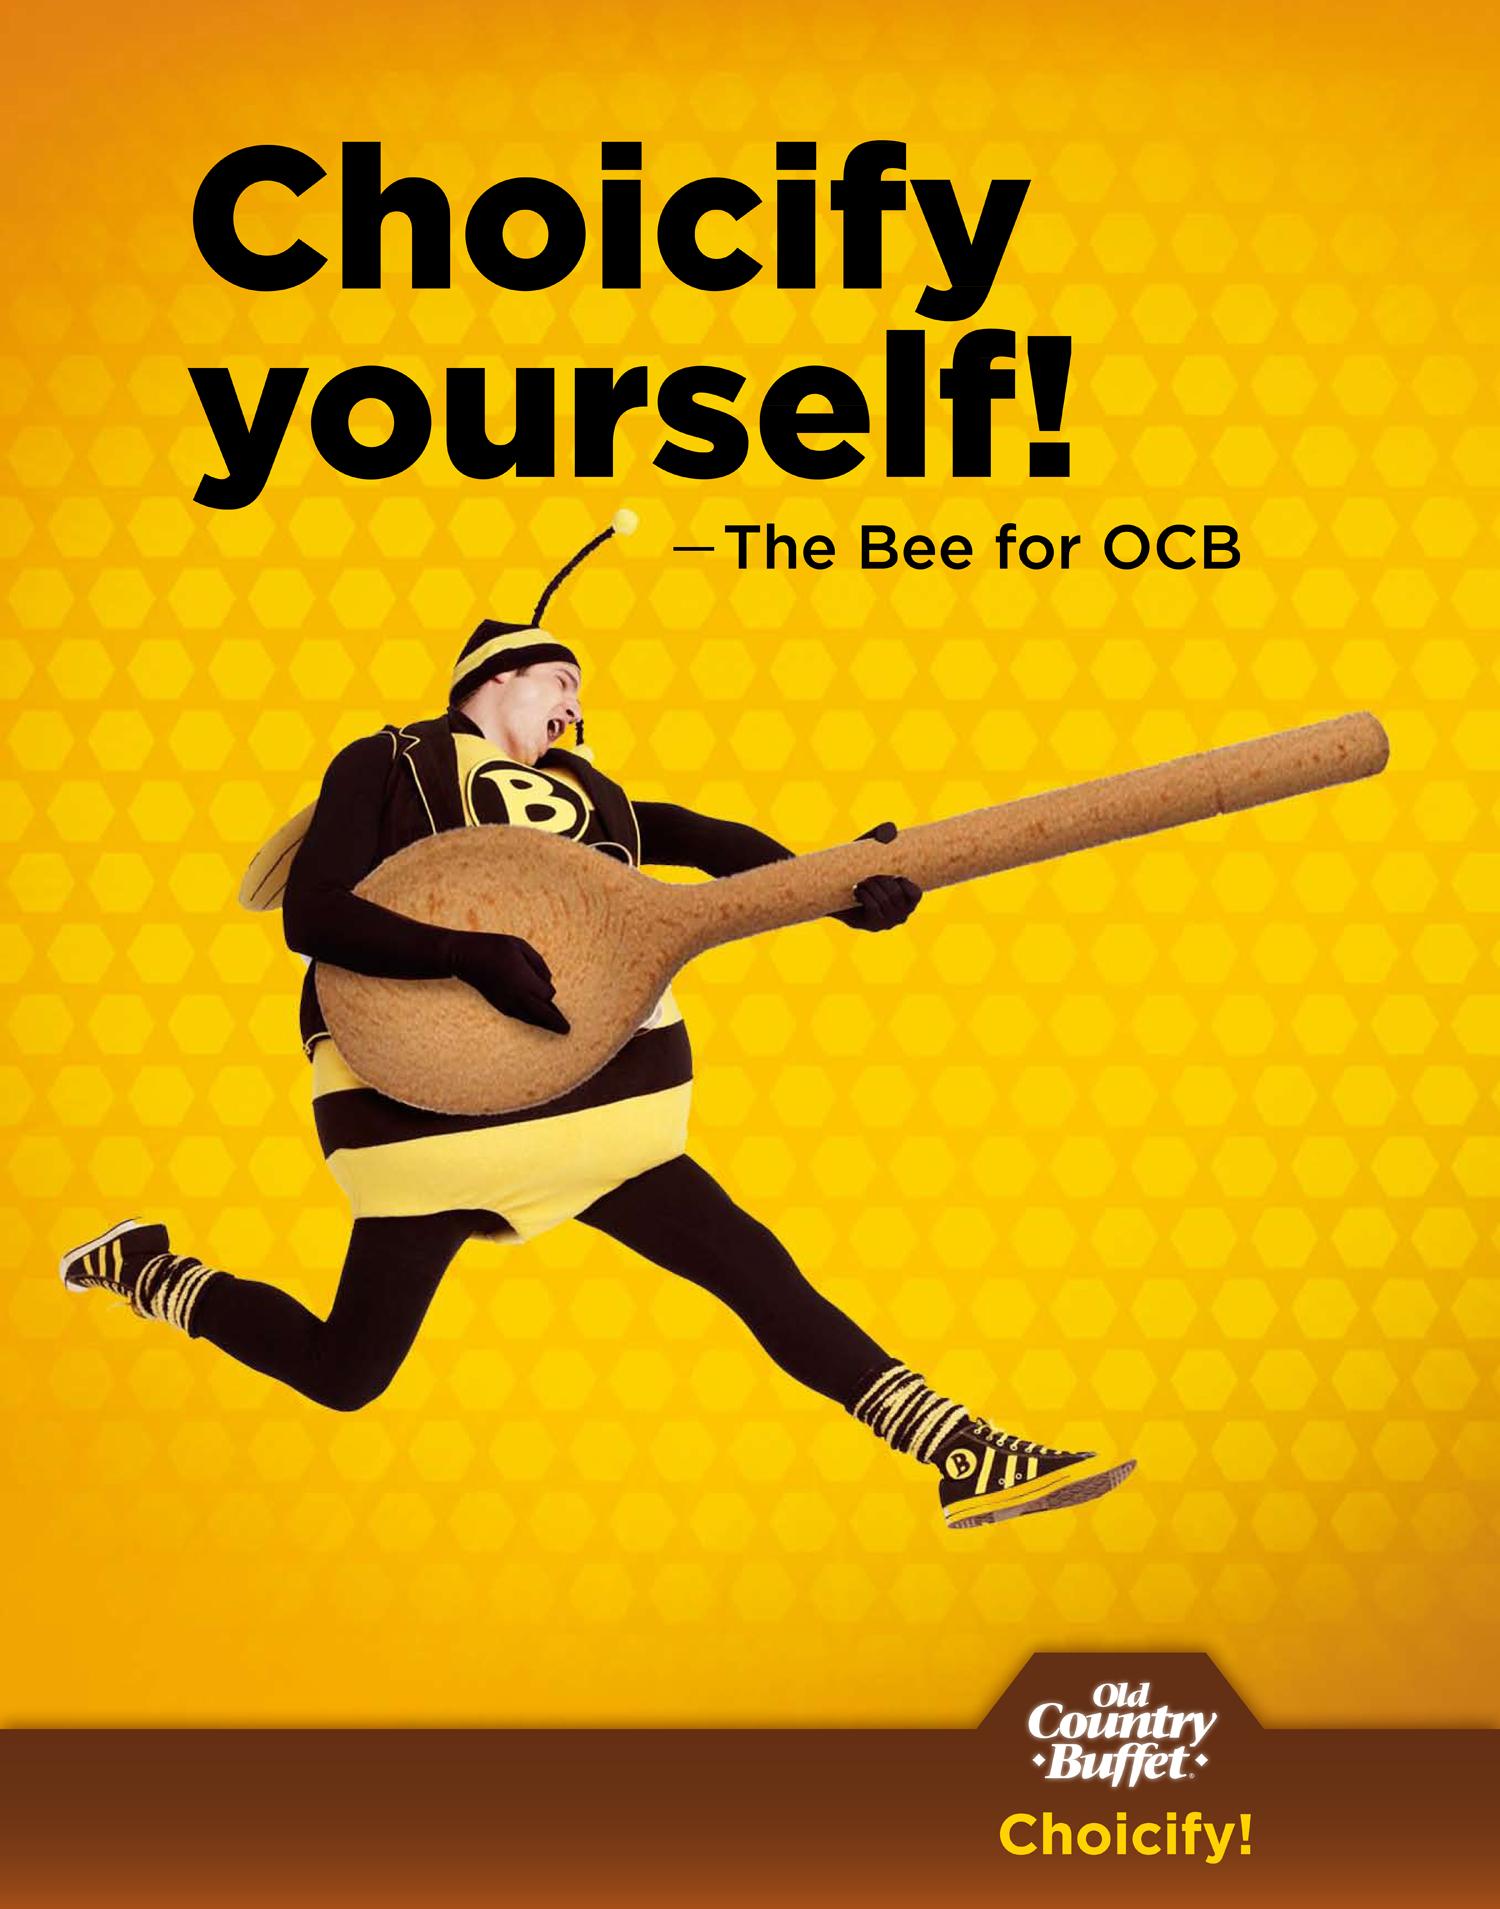 ocb.2.jpg